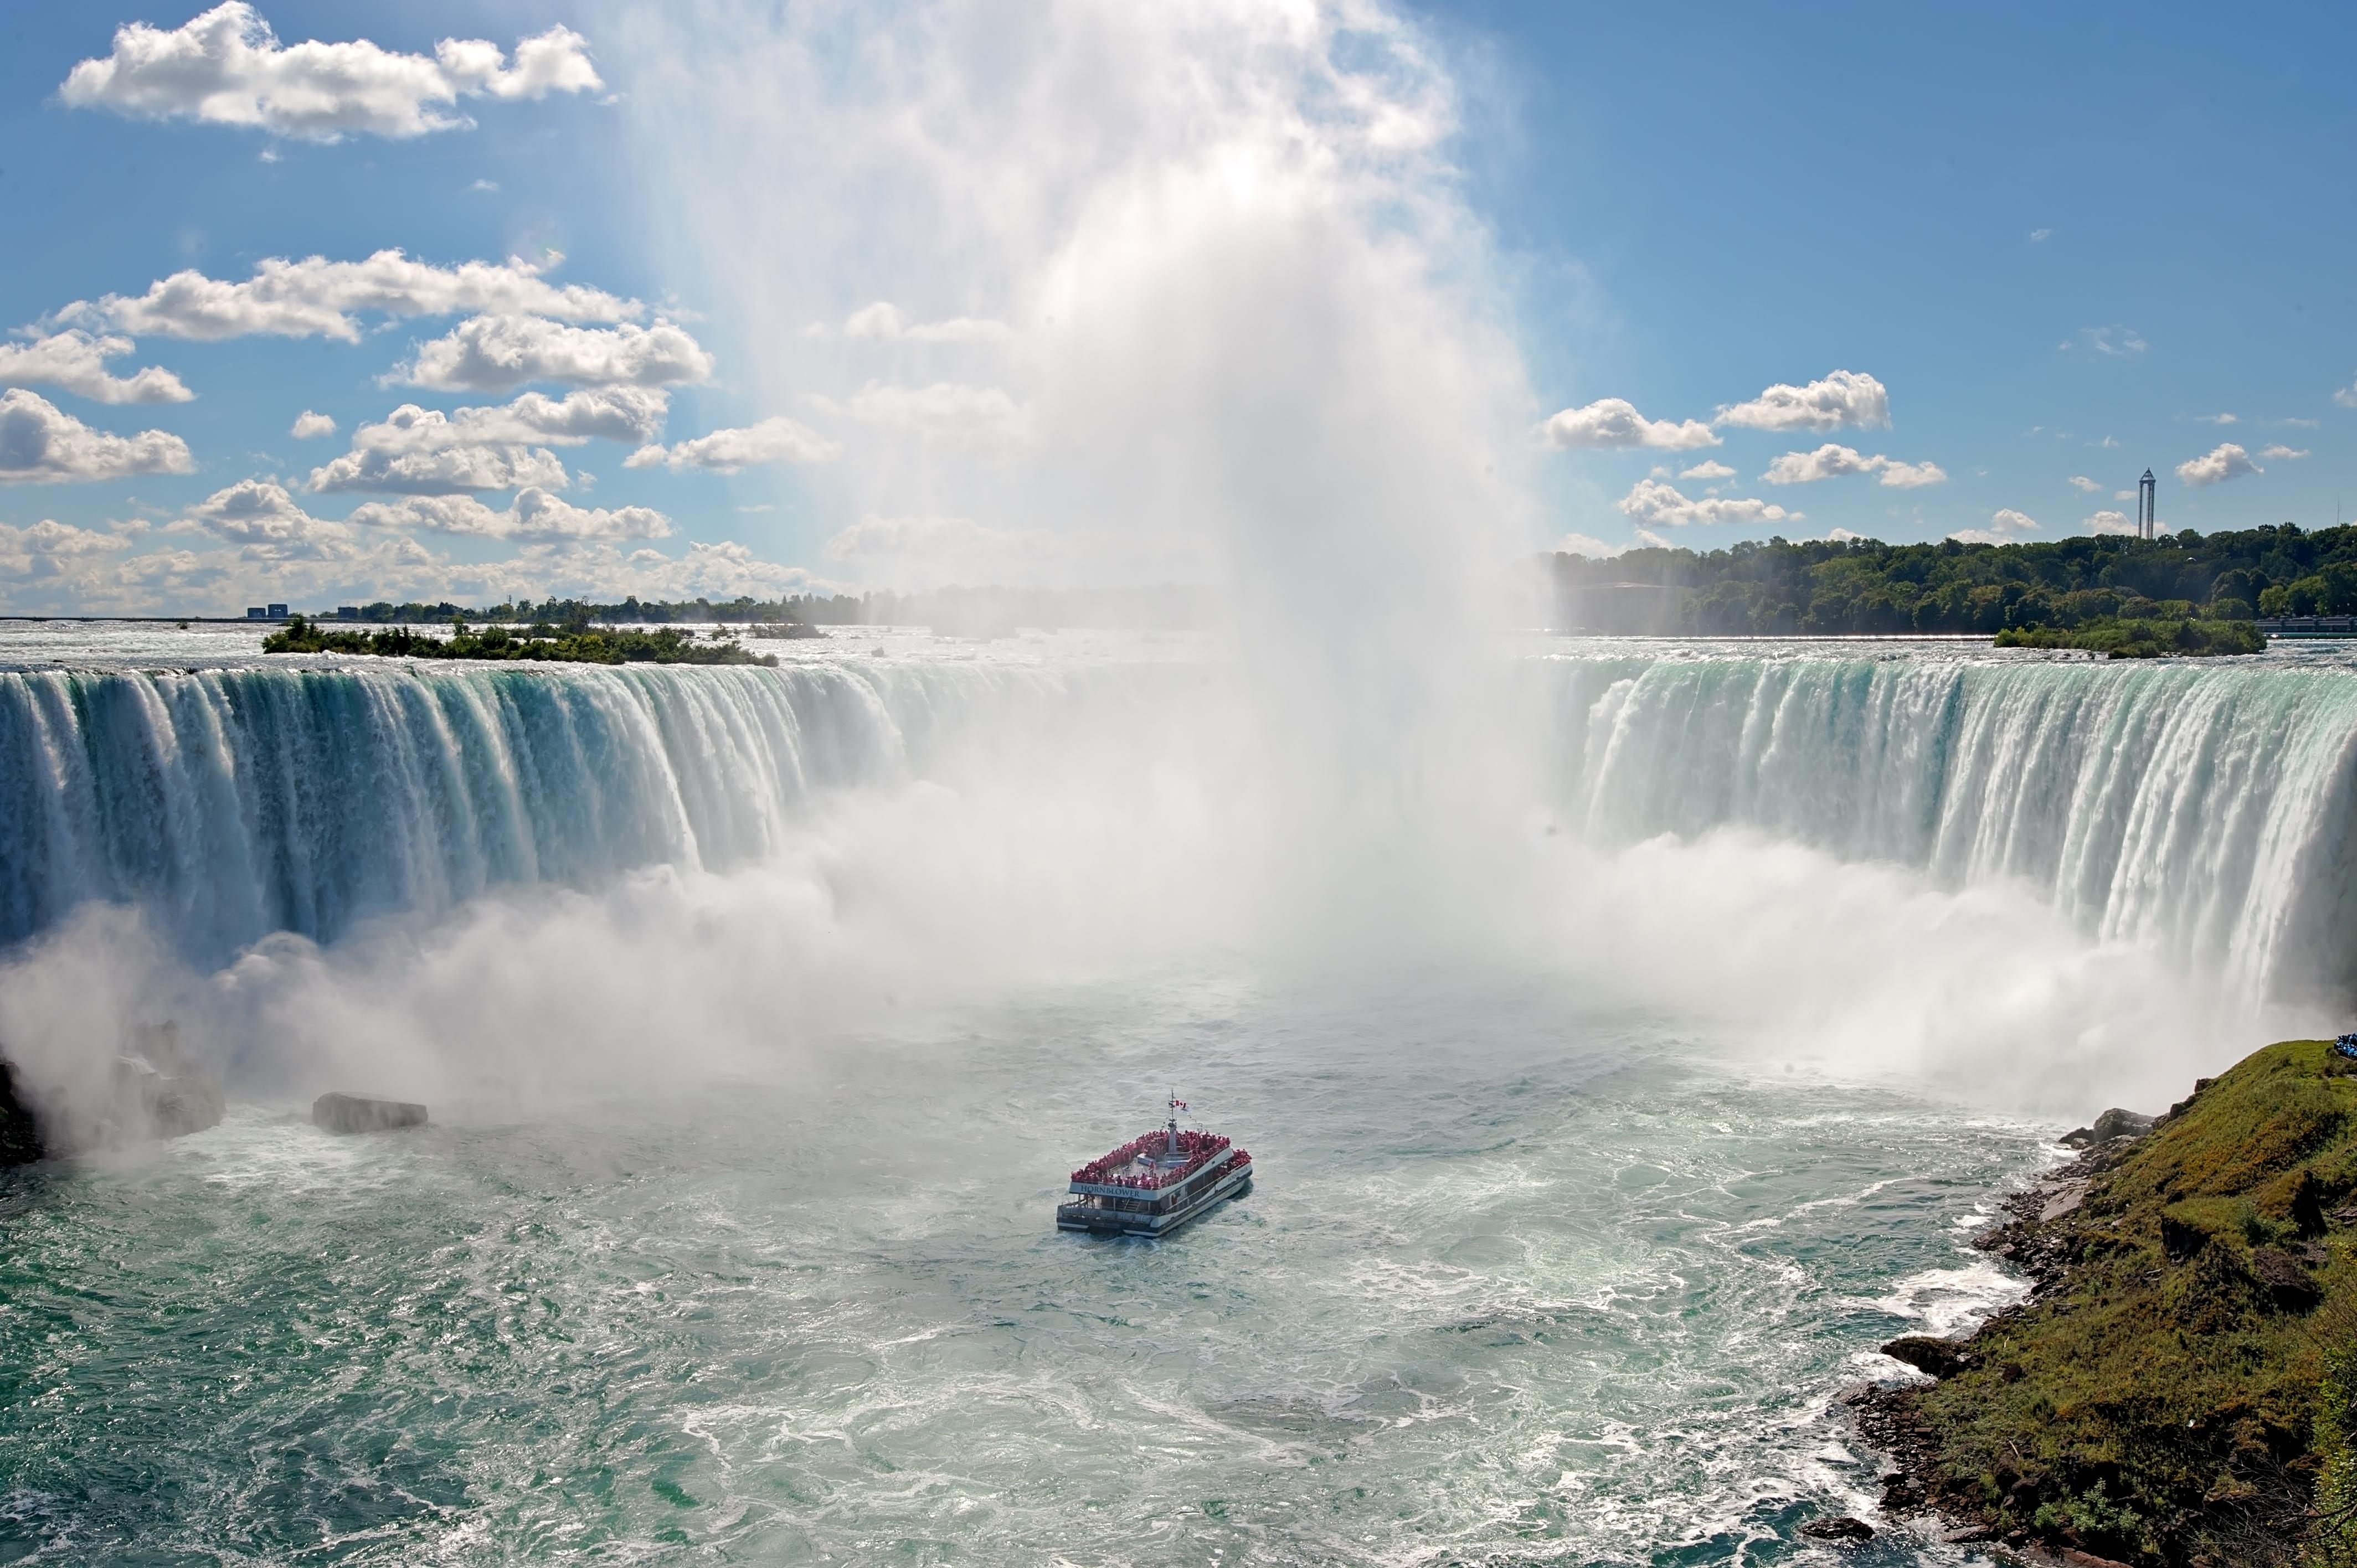 加拿大尼亞加拉瀑布遊船 - 號角者號